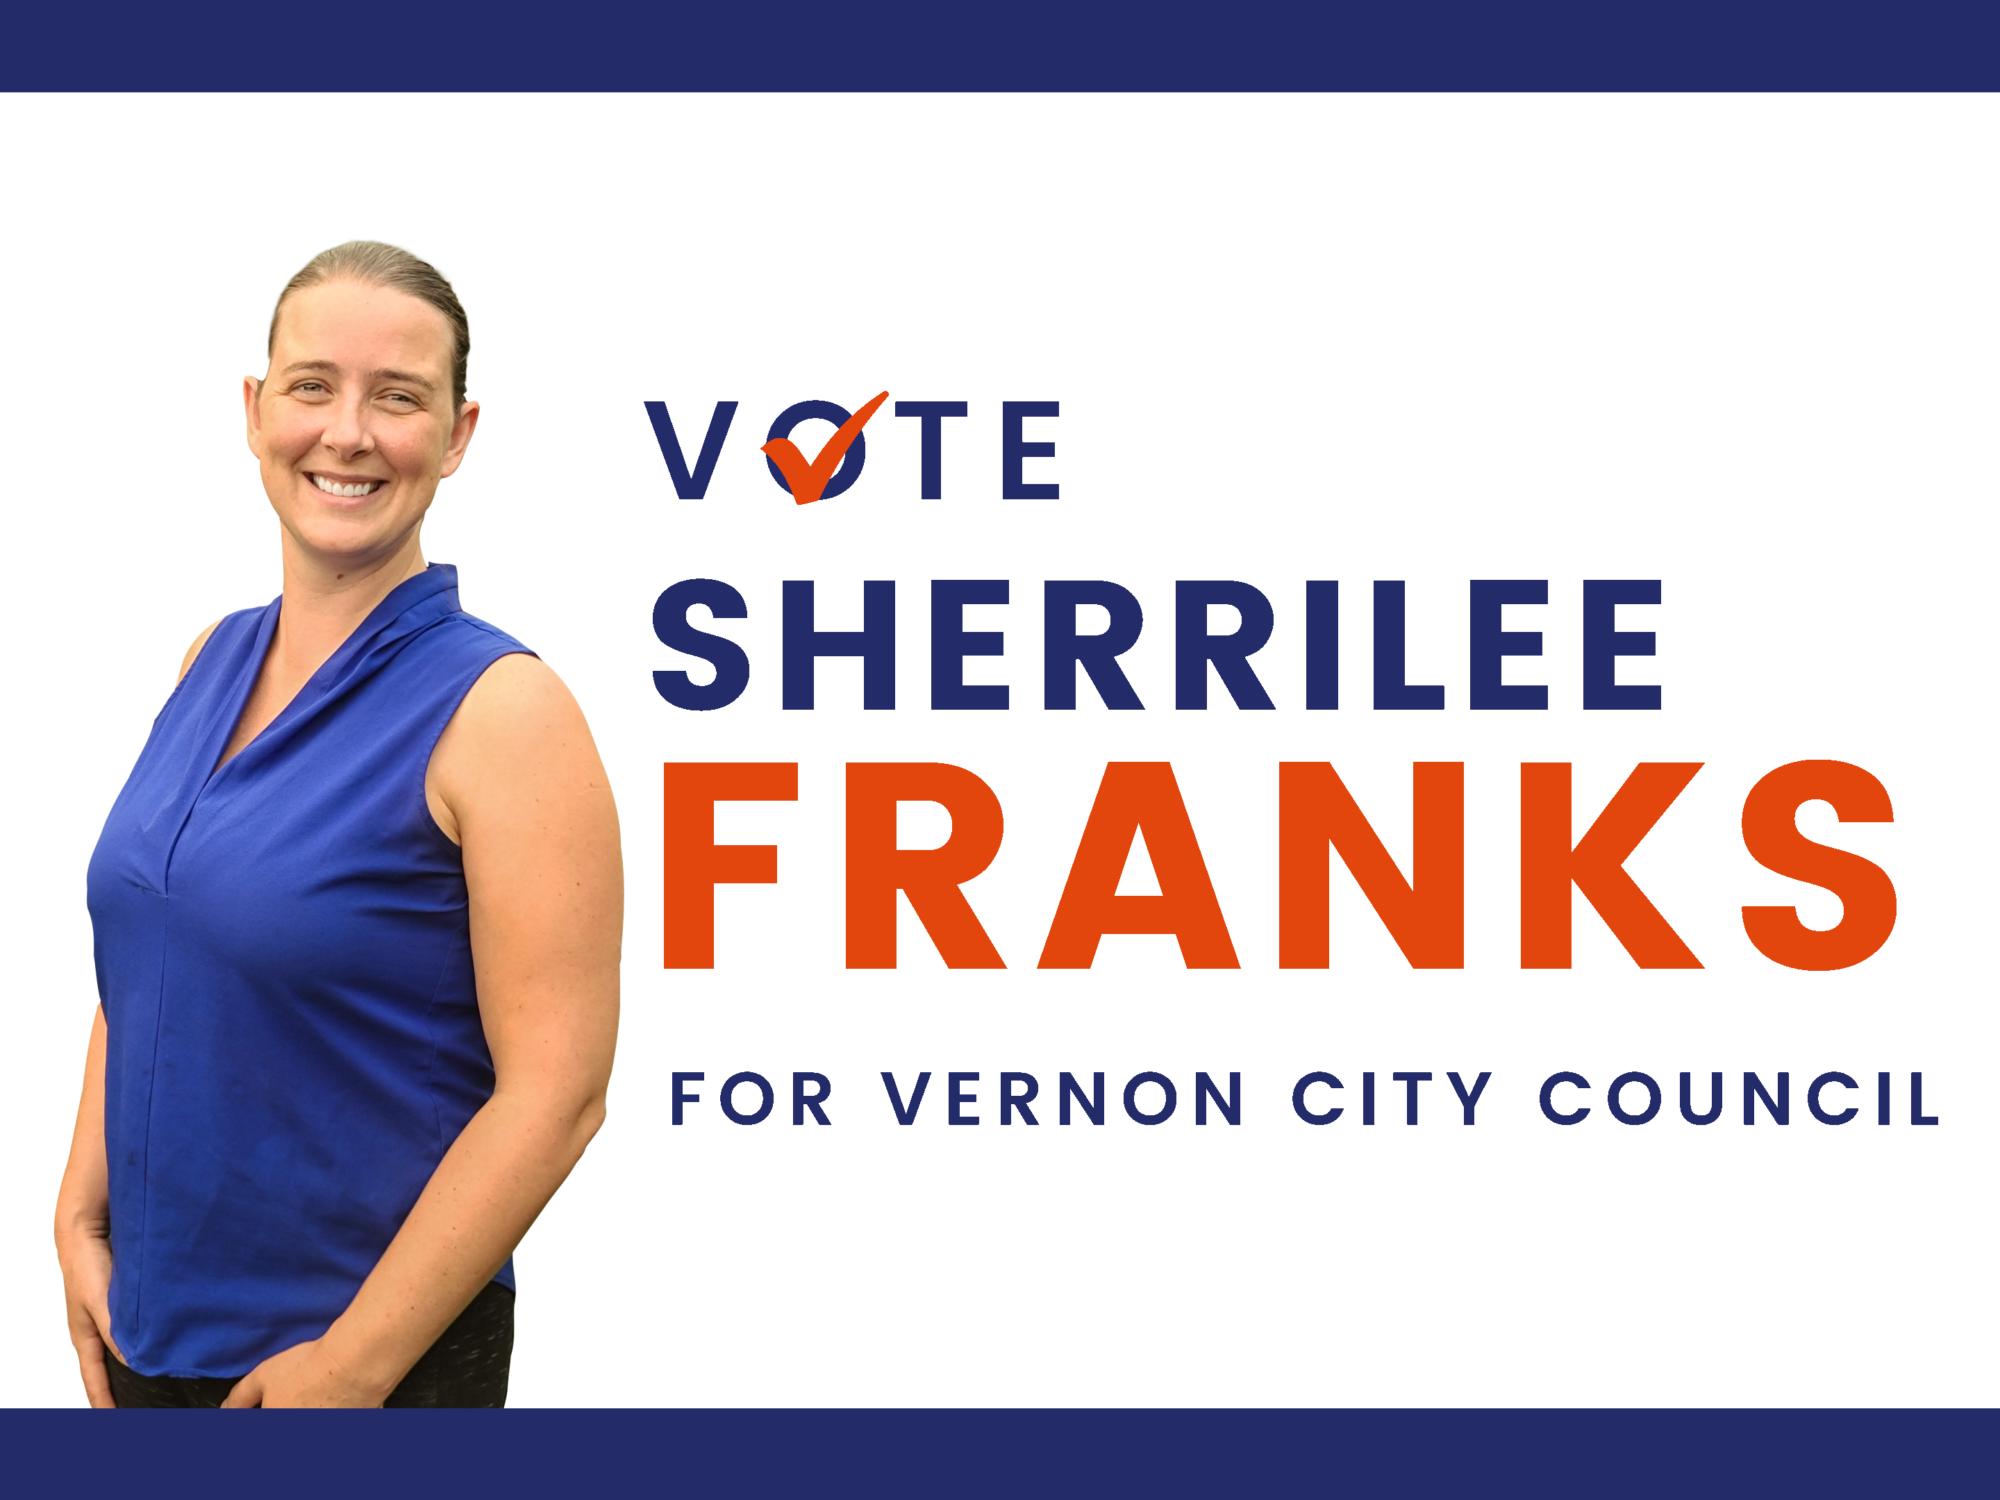 Vote Franks